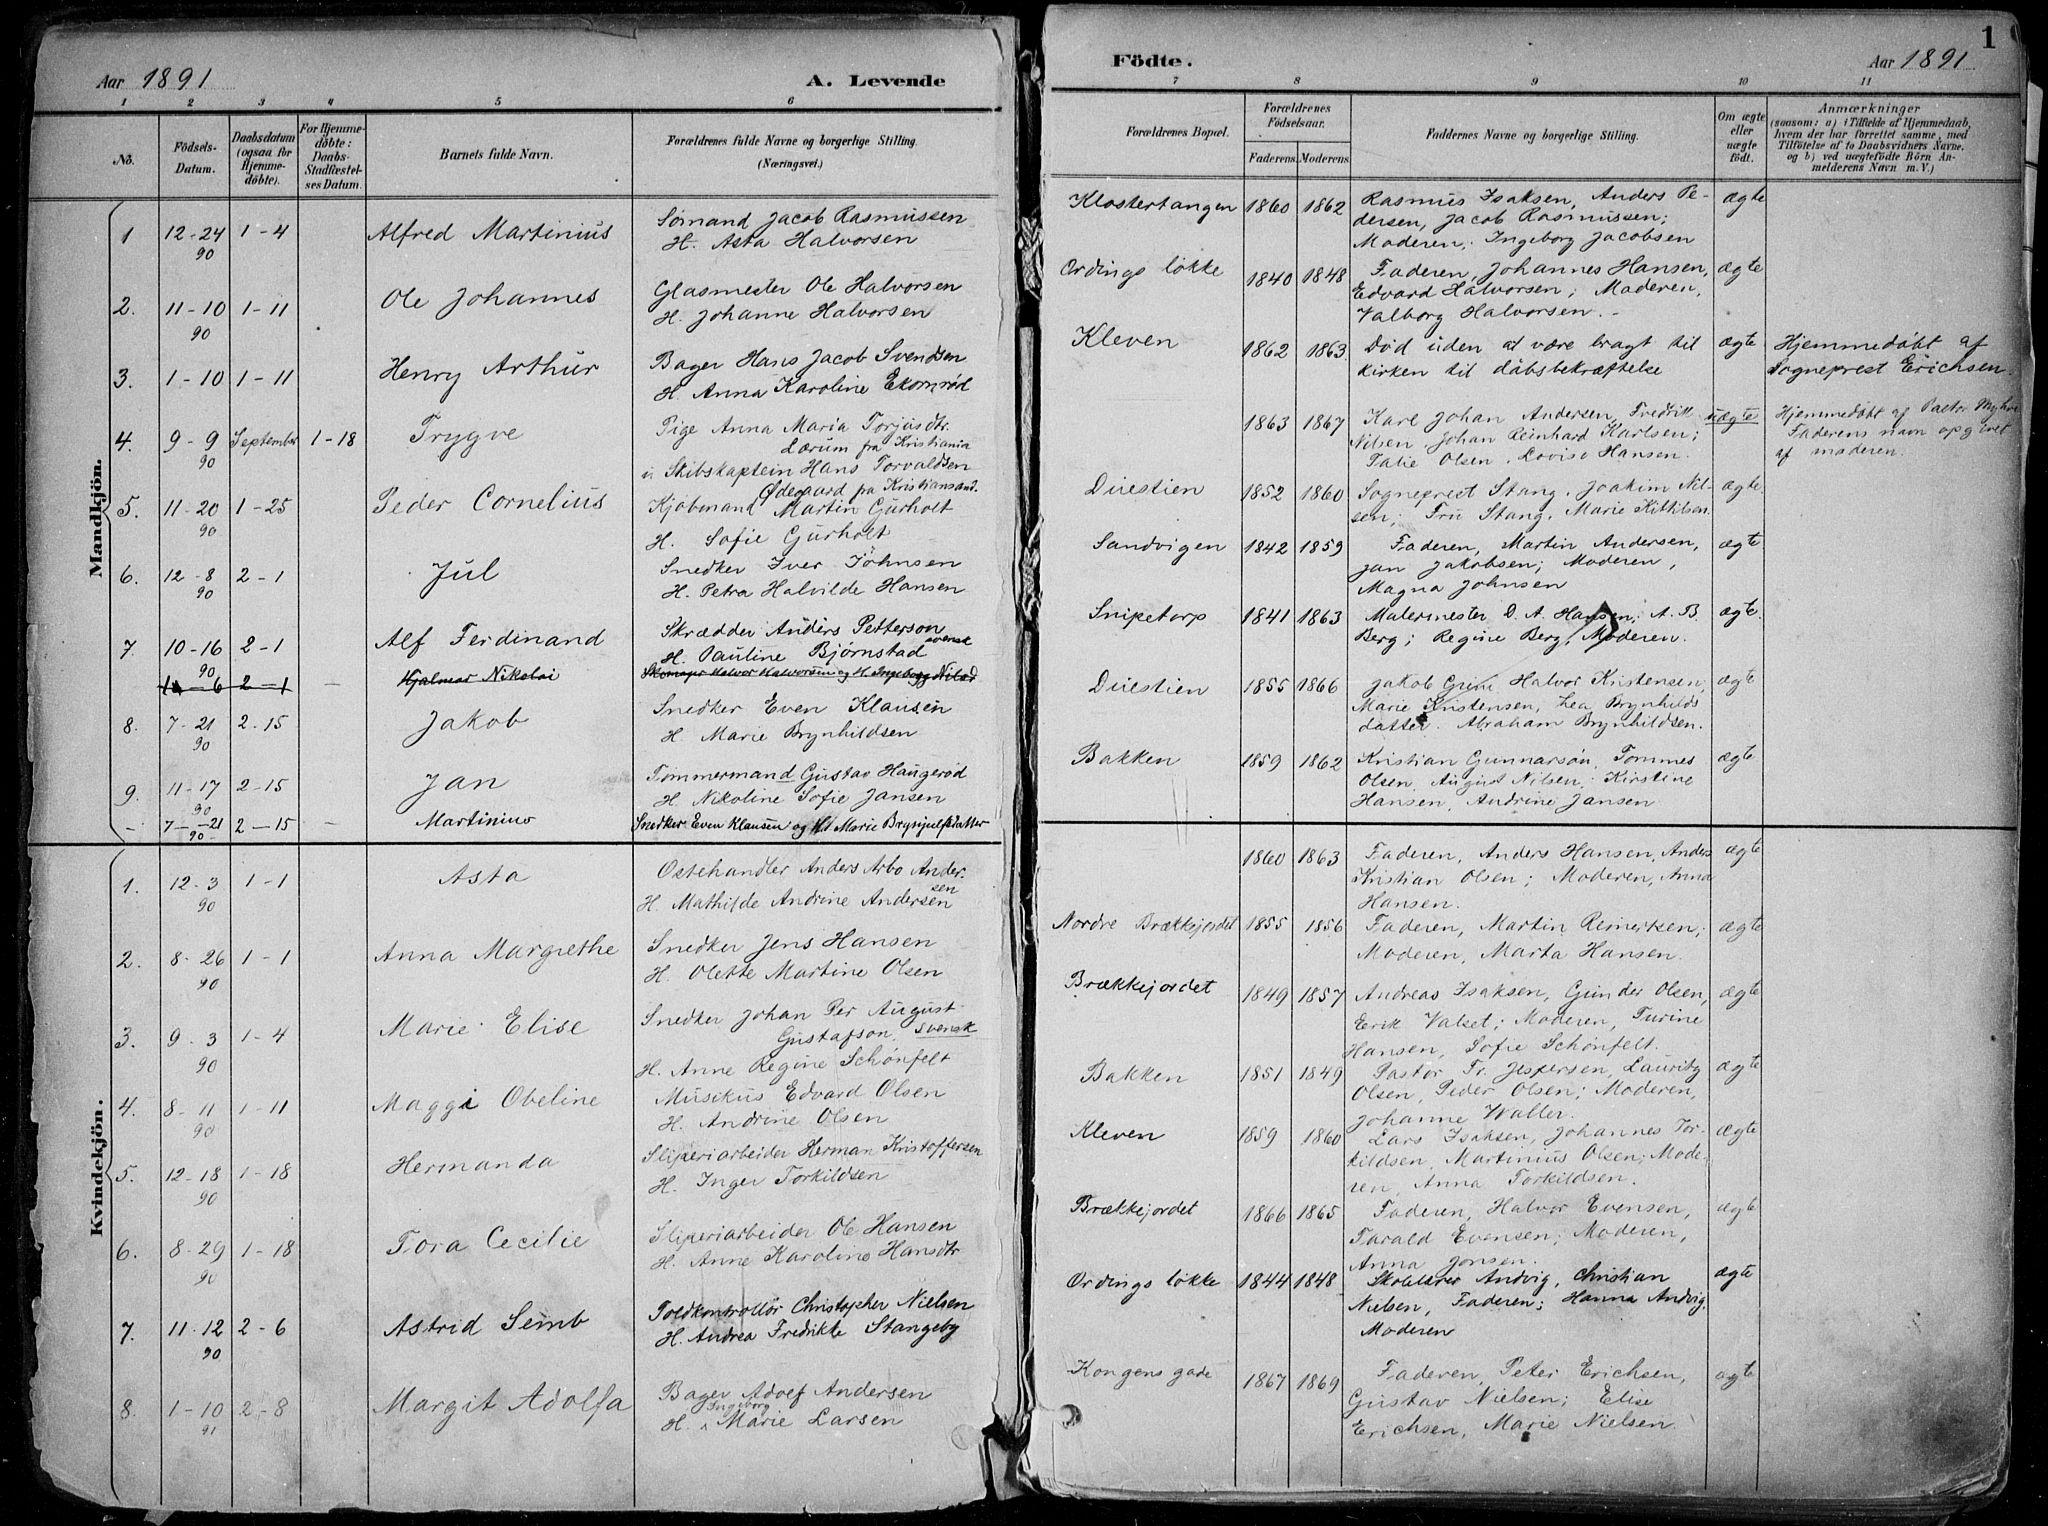 SAKO, Skien kirkebøker, F/Fa/L0010: Ministerialbok nr. 10, 1891-1899, s. 1